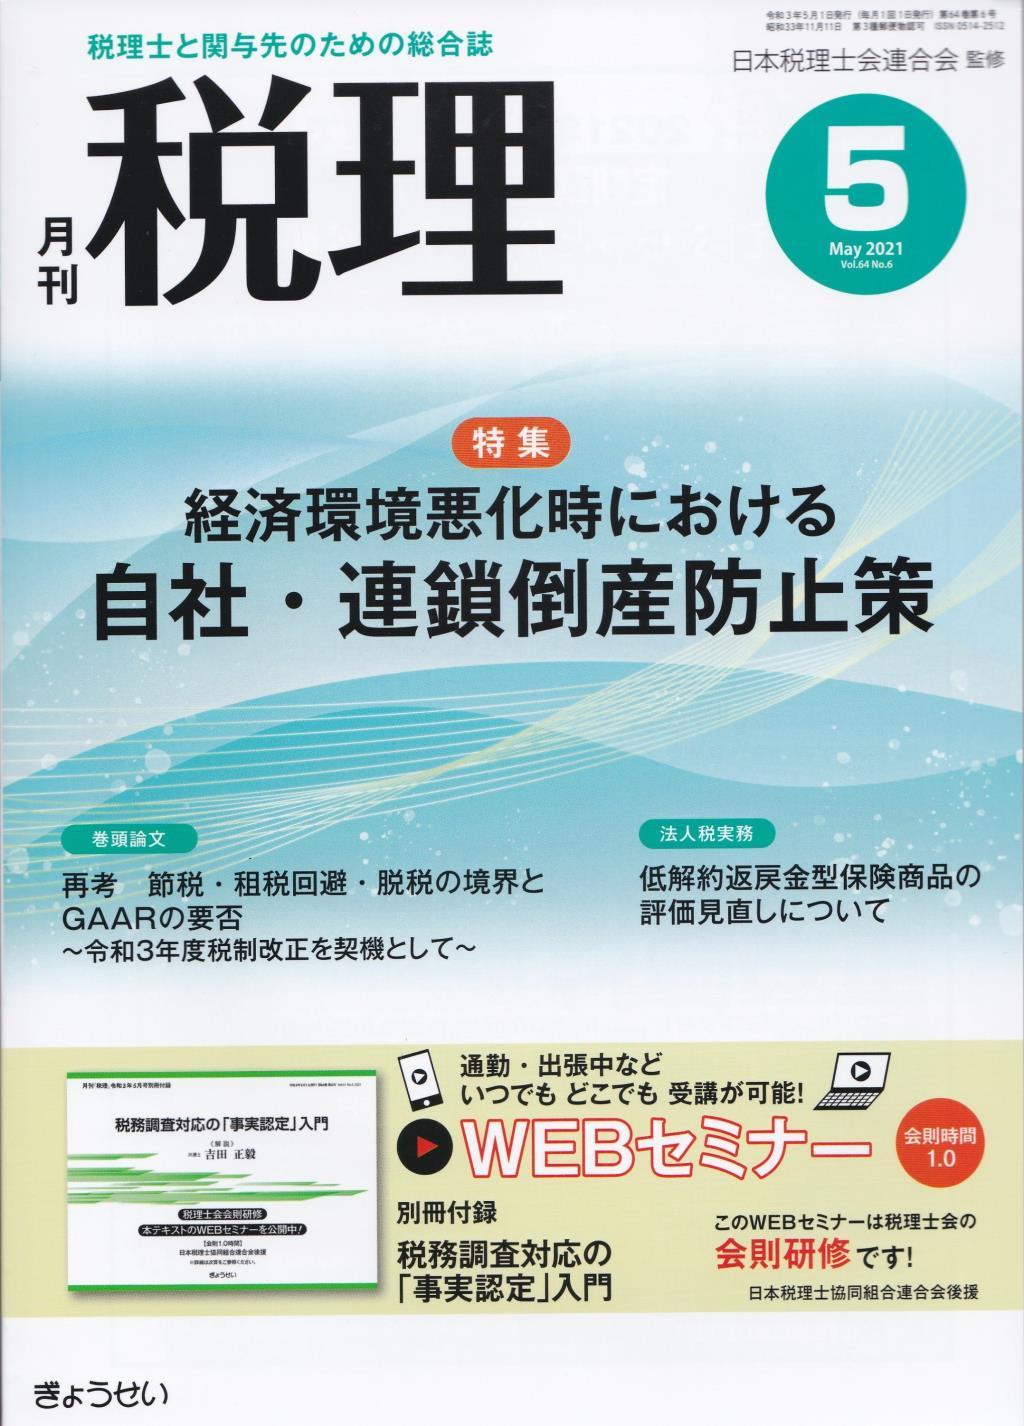 月刊 税理 2021年5月号(第64巻第5号)